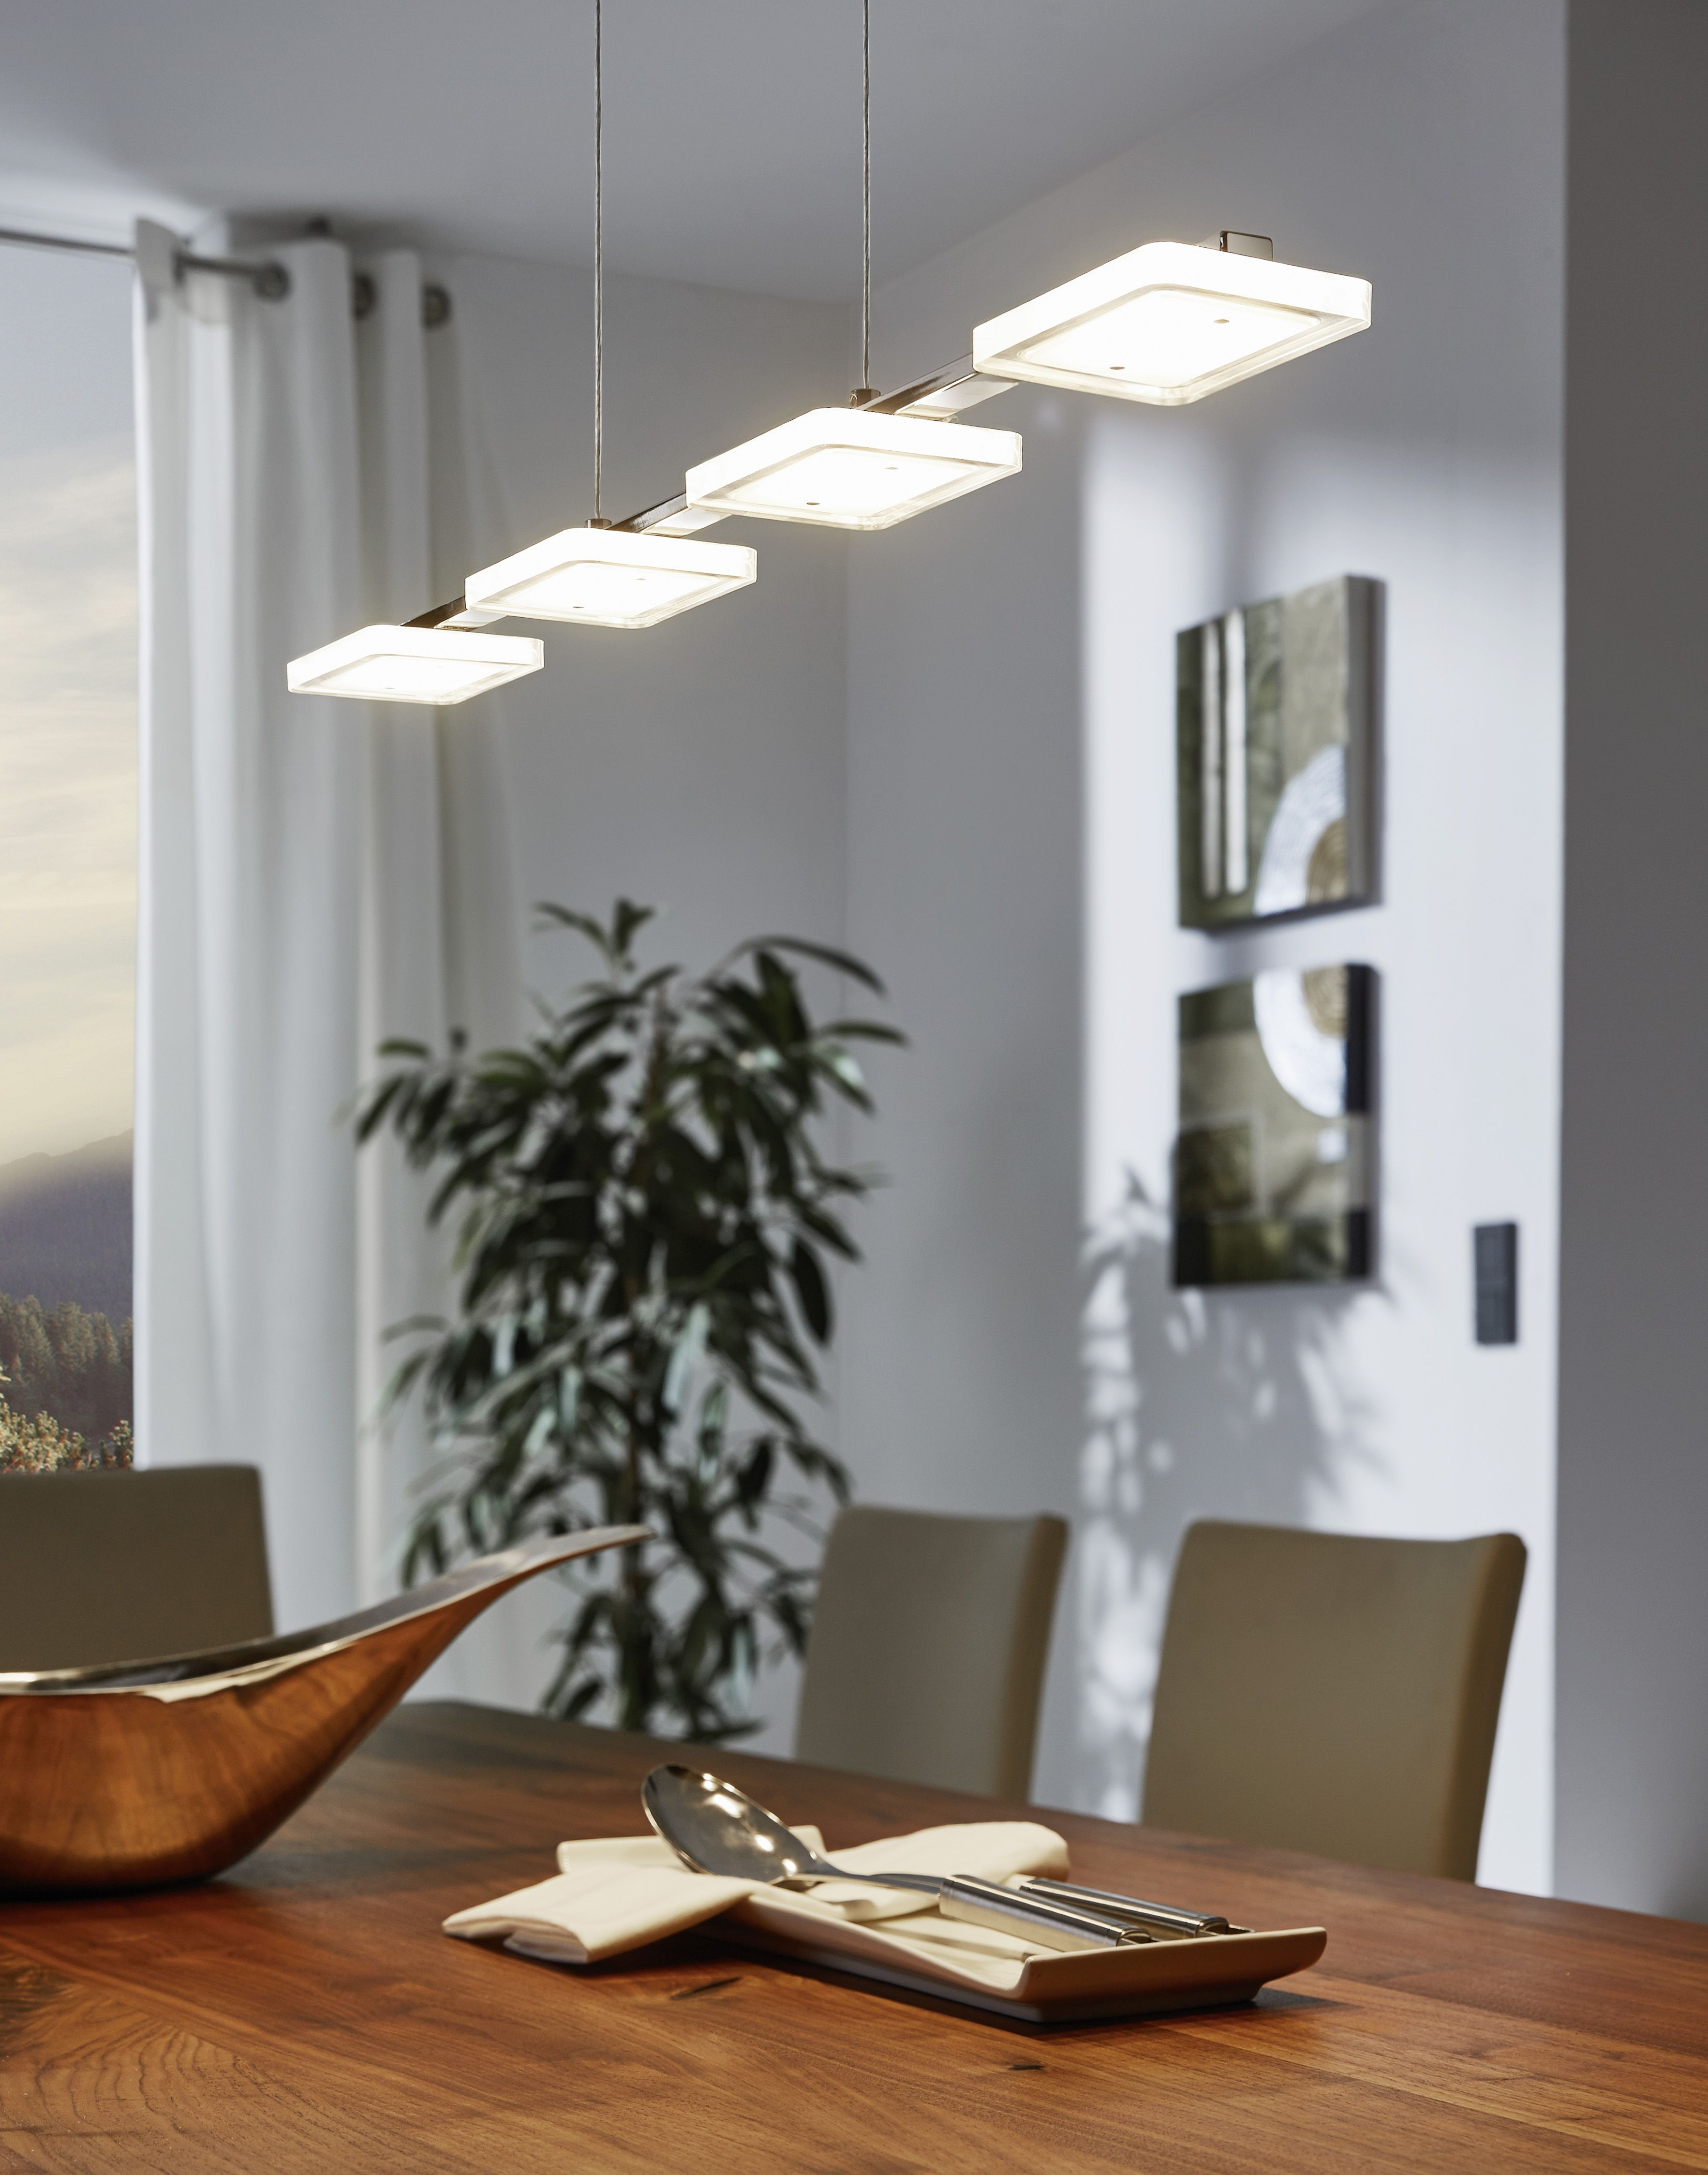 Eglo Lighting / Cartama / LED Polished Chrome 4 Lamp Bar Pendant With  Square Shades